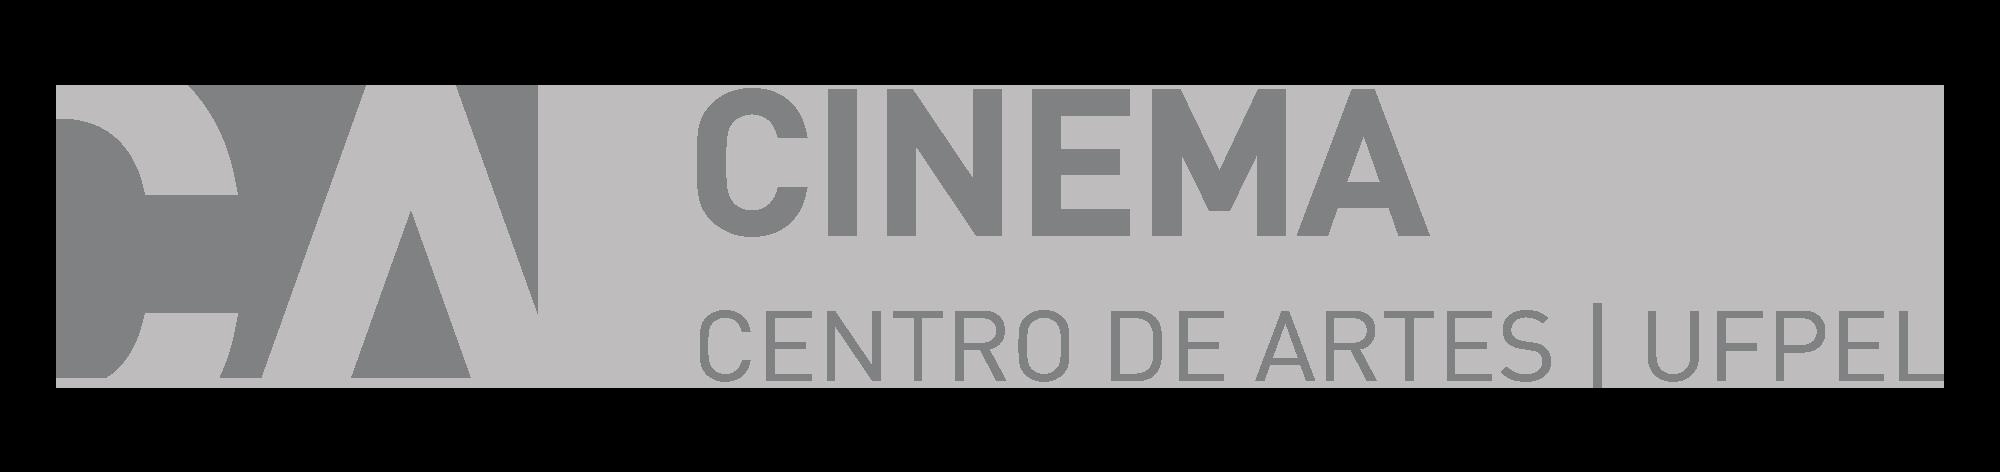 Colegiado dos Cursos de Cinema UFPEL